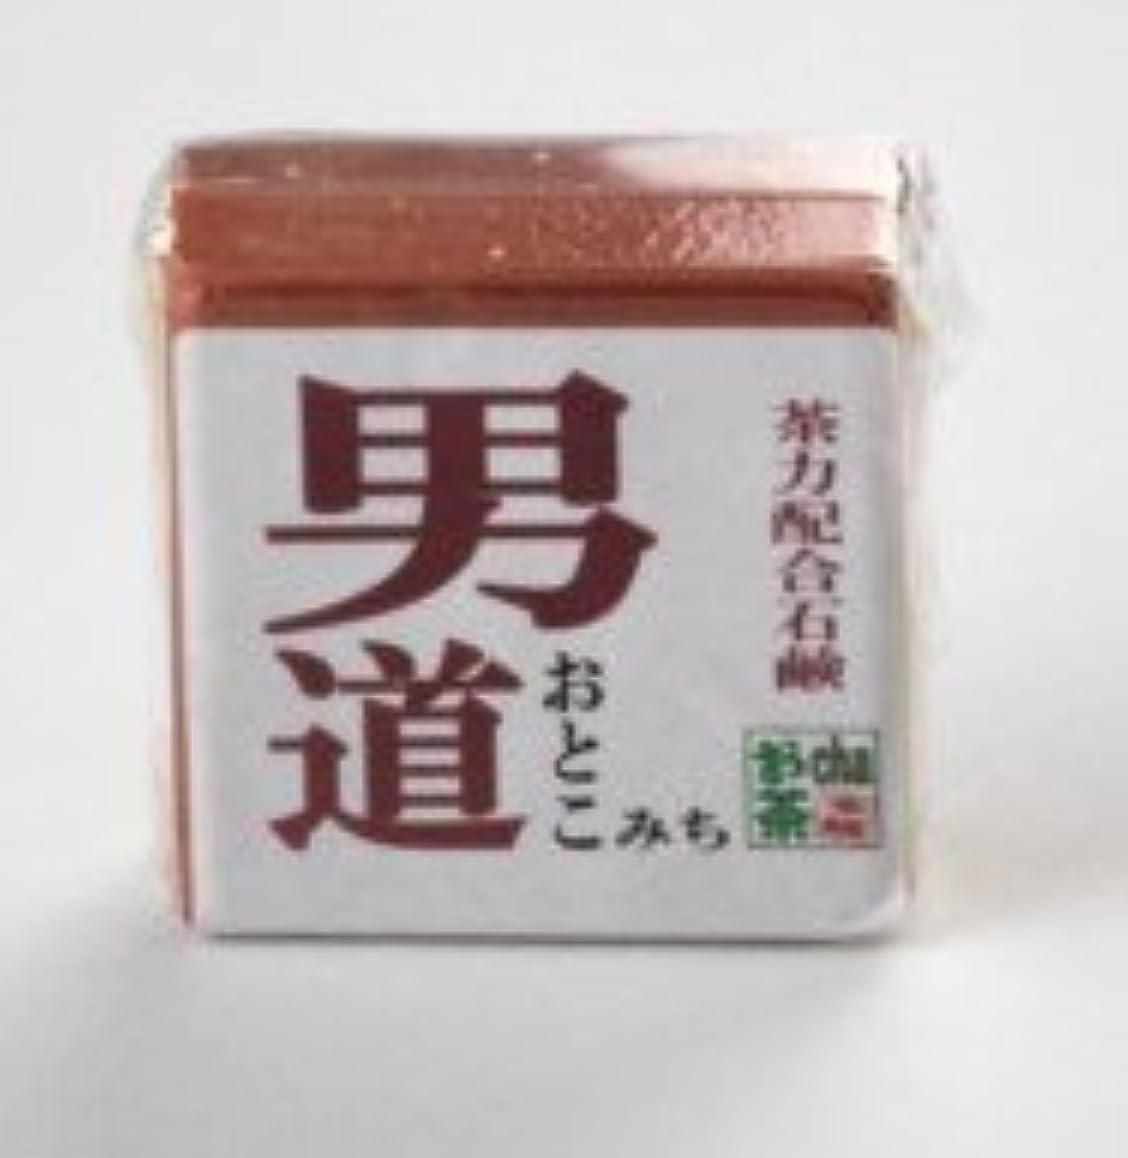 男性用無添加石鹸 『 男 道 』(おとこみち) 115g固形タイプ 抗菌力99.9%の日本初の無添加石鹸